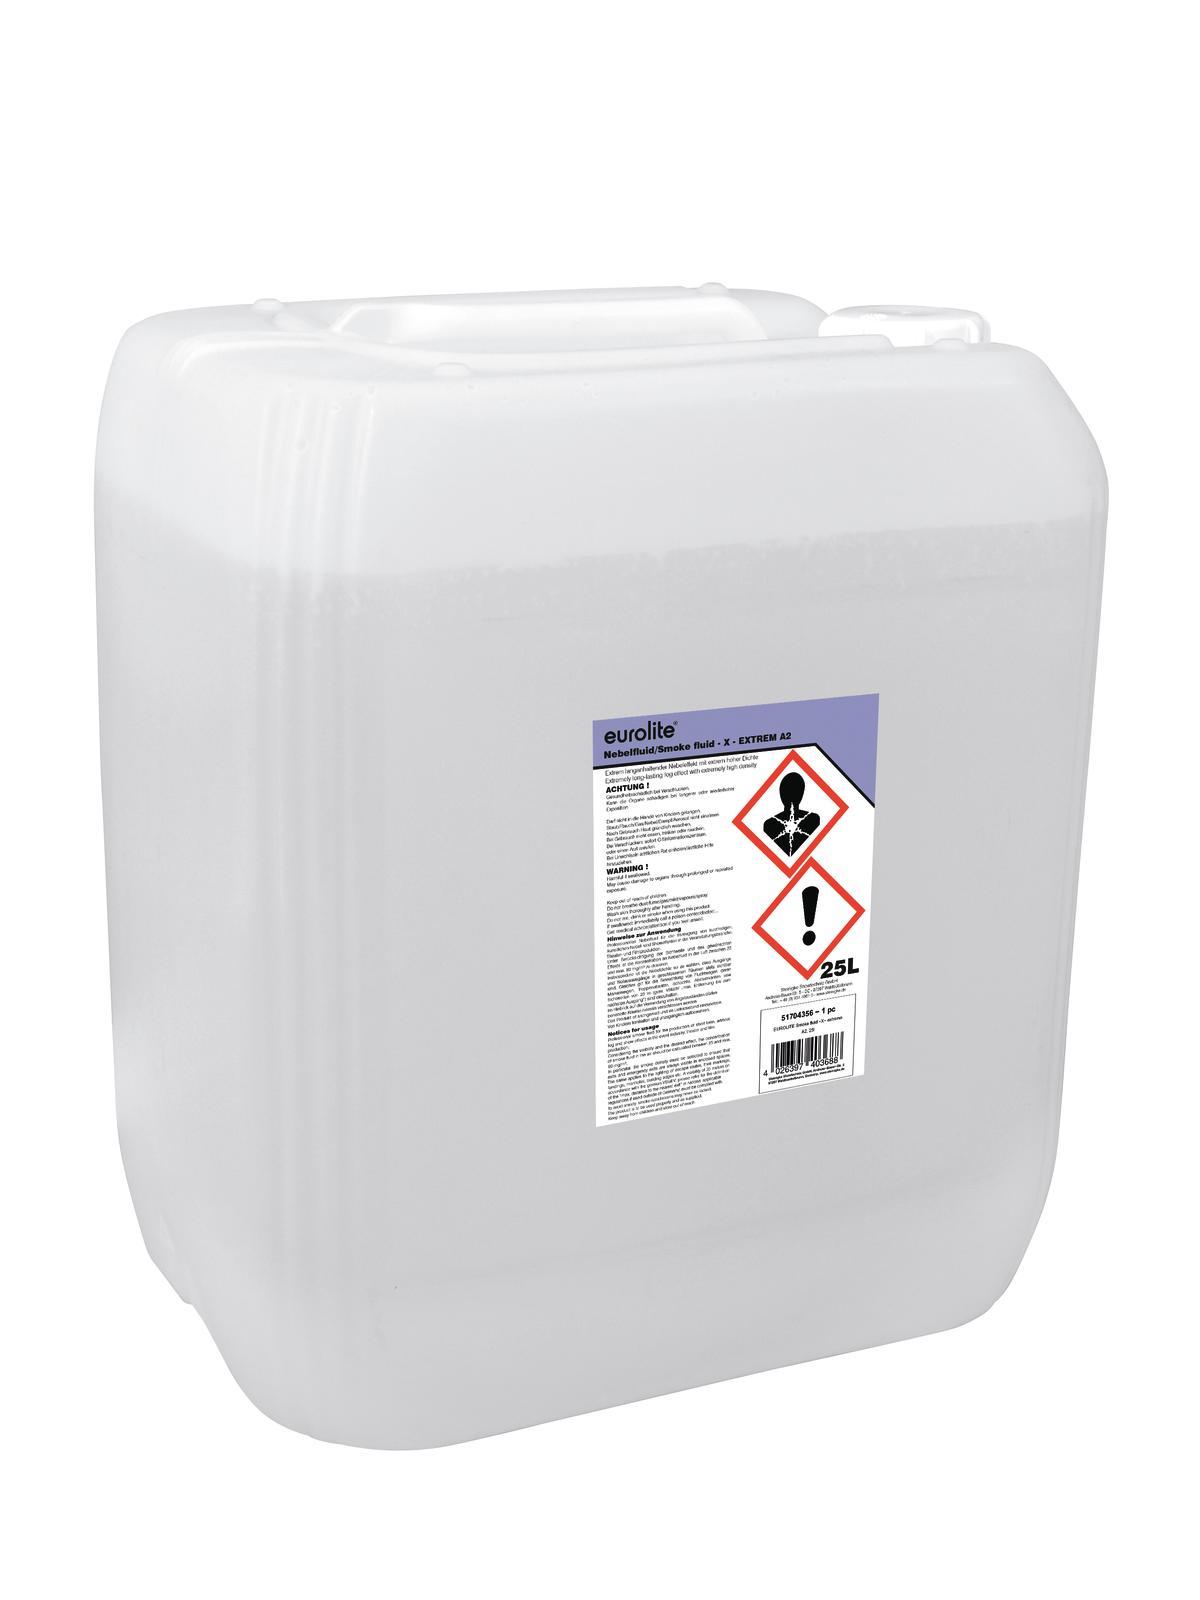 Liquido per macchina del fumo, 25 litri, EUROLITE extreme A2